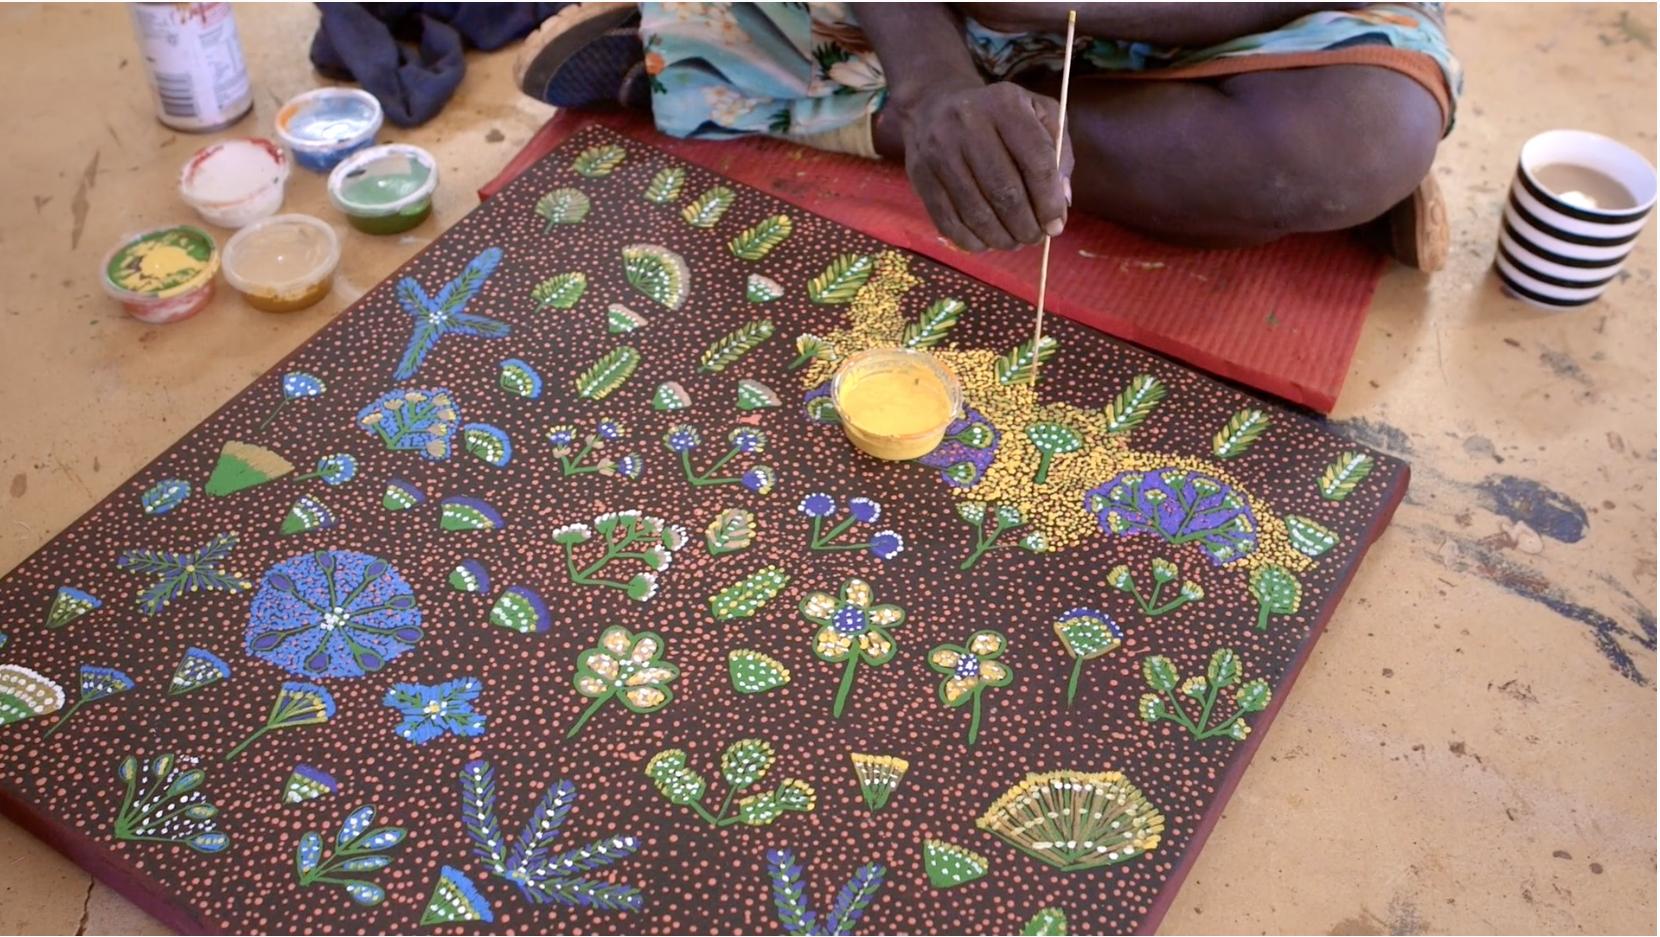 Rosie Ngwarraye Ross painting. Photo: Lara Damiani.